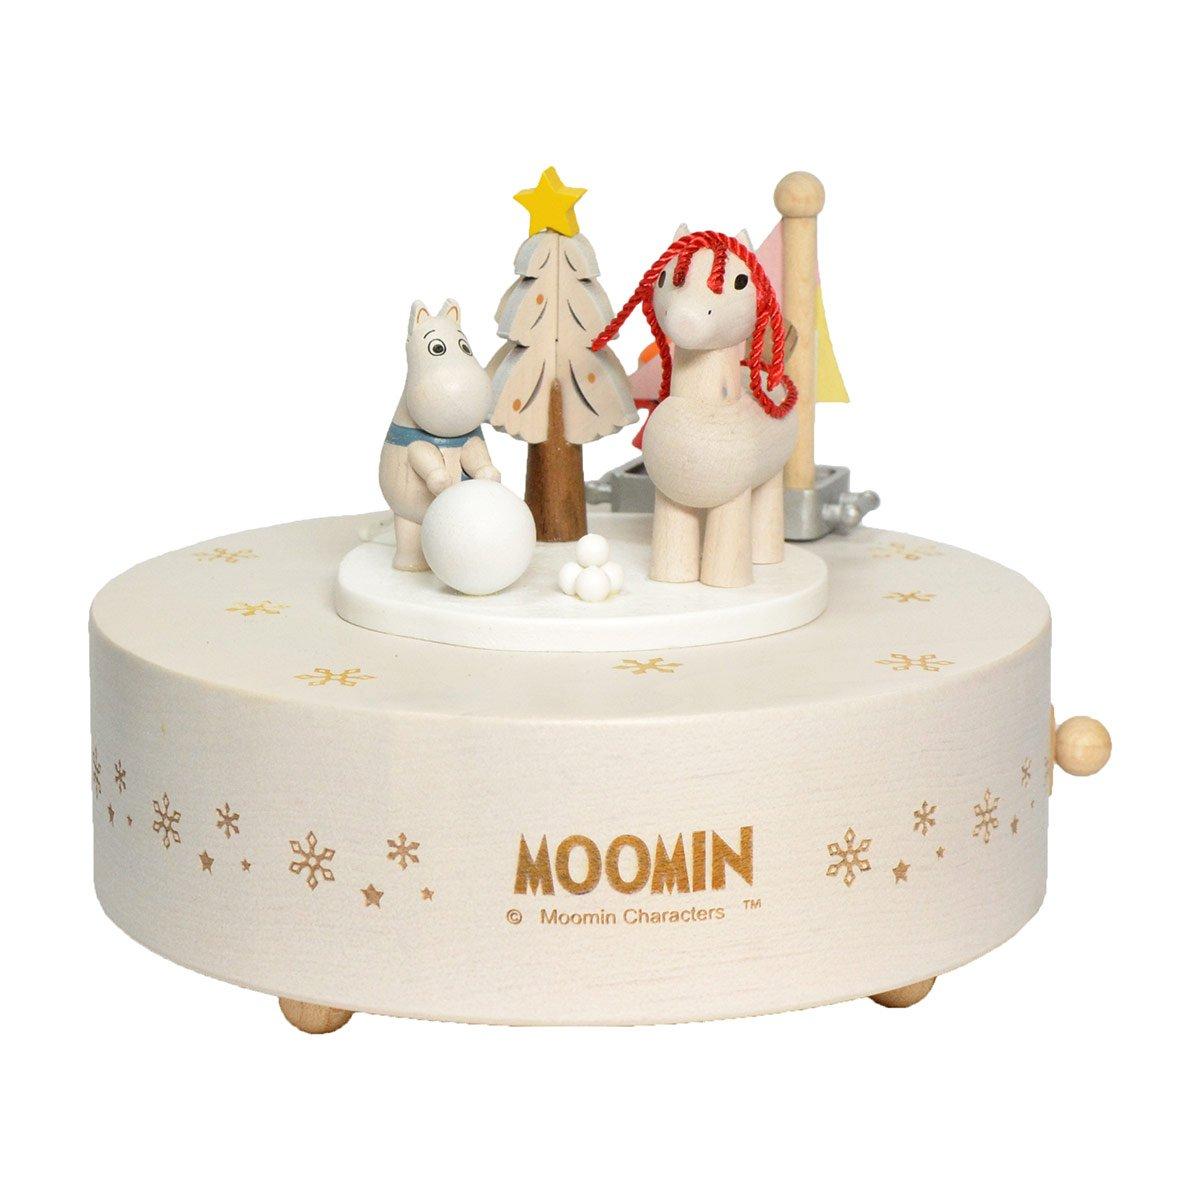 【超安い】 Moomin ムーミン Music box box Winter オルゴール ( ムーミン Moomin's Winter ムーミンウィンター ) B077QLNNH4, ビーキューブ:53c8fb8e --- svecha37.ru